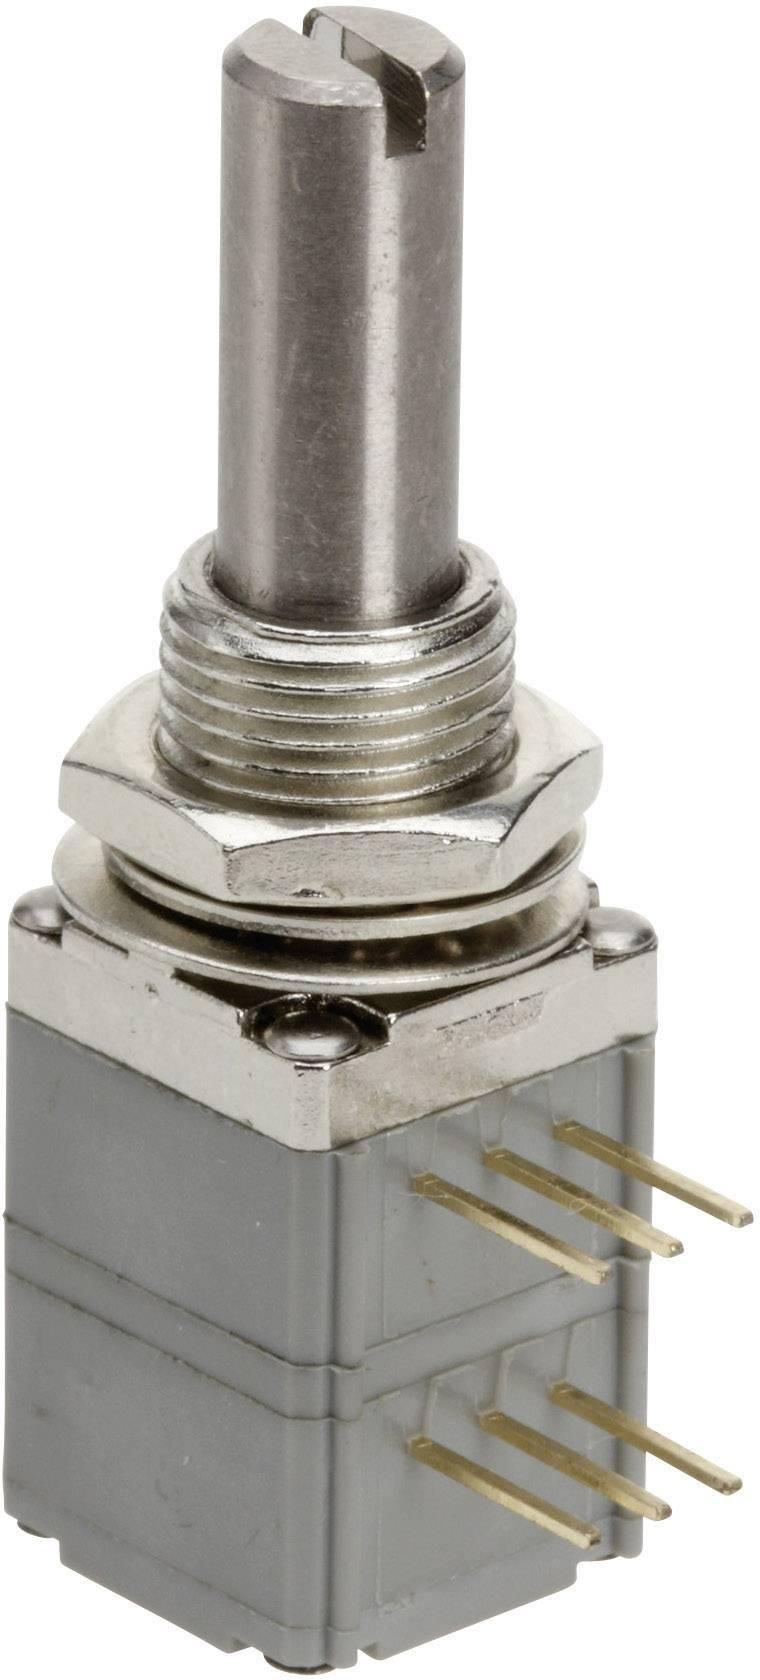 Cermetový potenciometer TT Electro, 4113811775, 1 kΩ, ± 10%